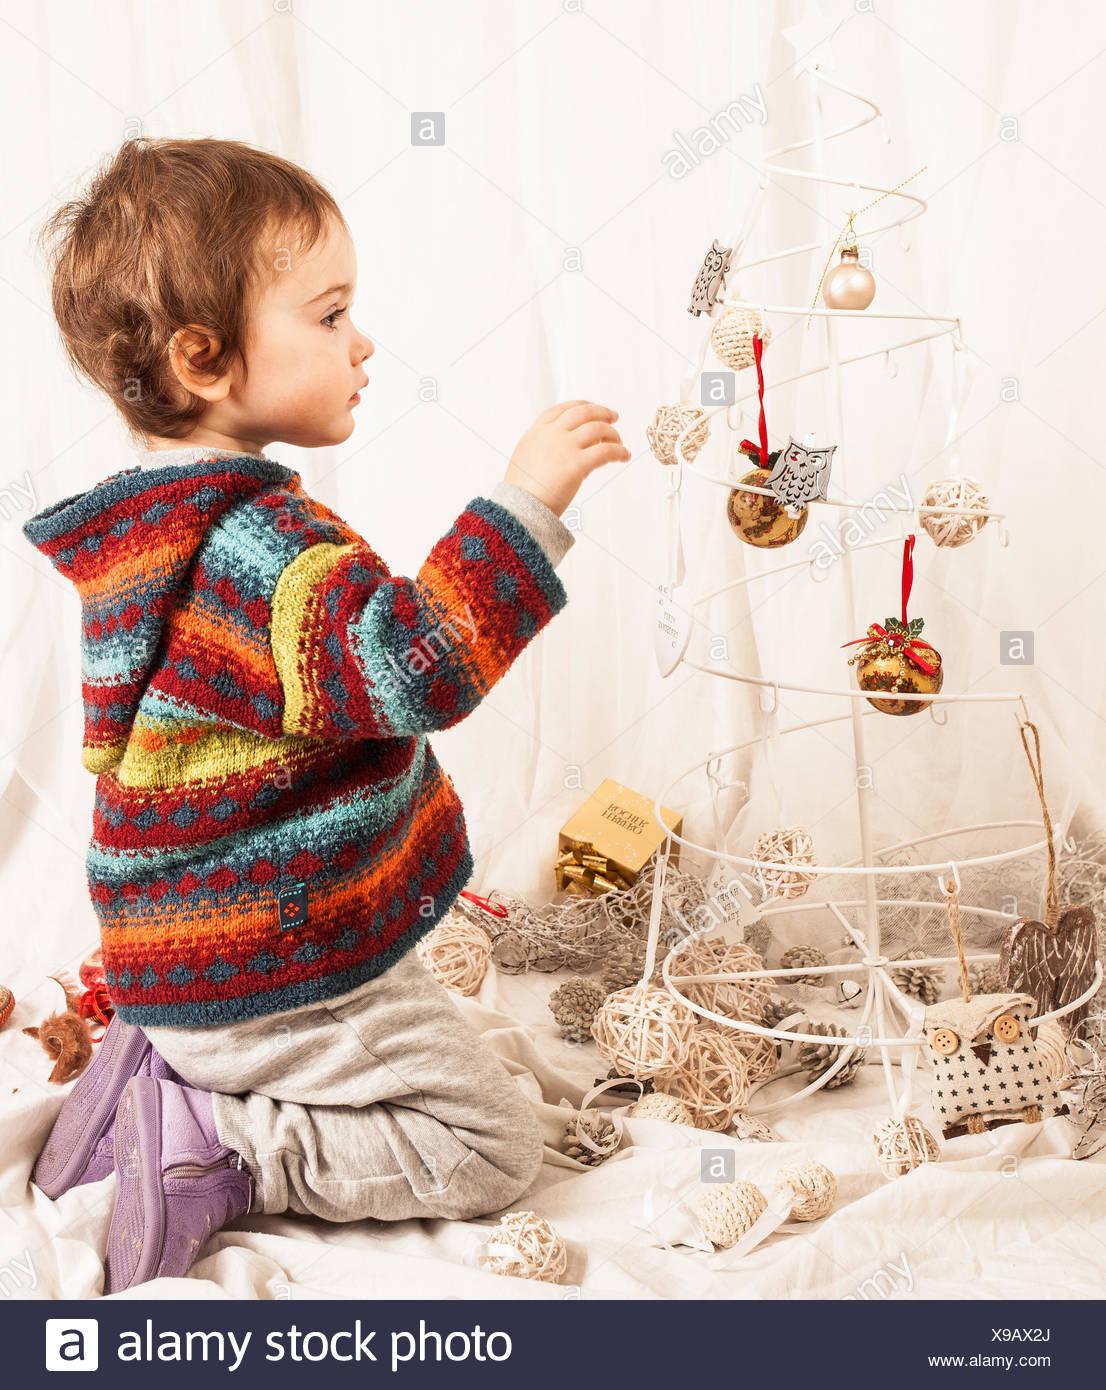 Niño jugando con decoración de Navidad en la cama en casa Imagen De Stock